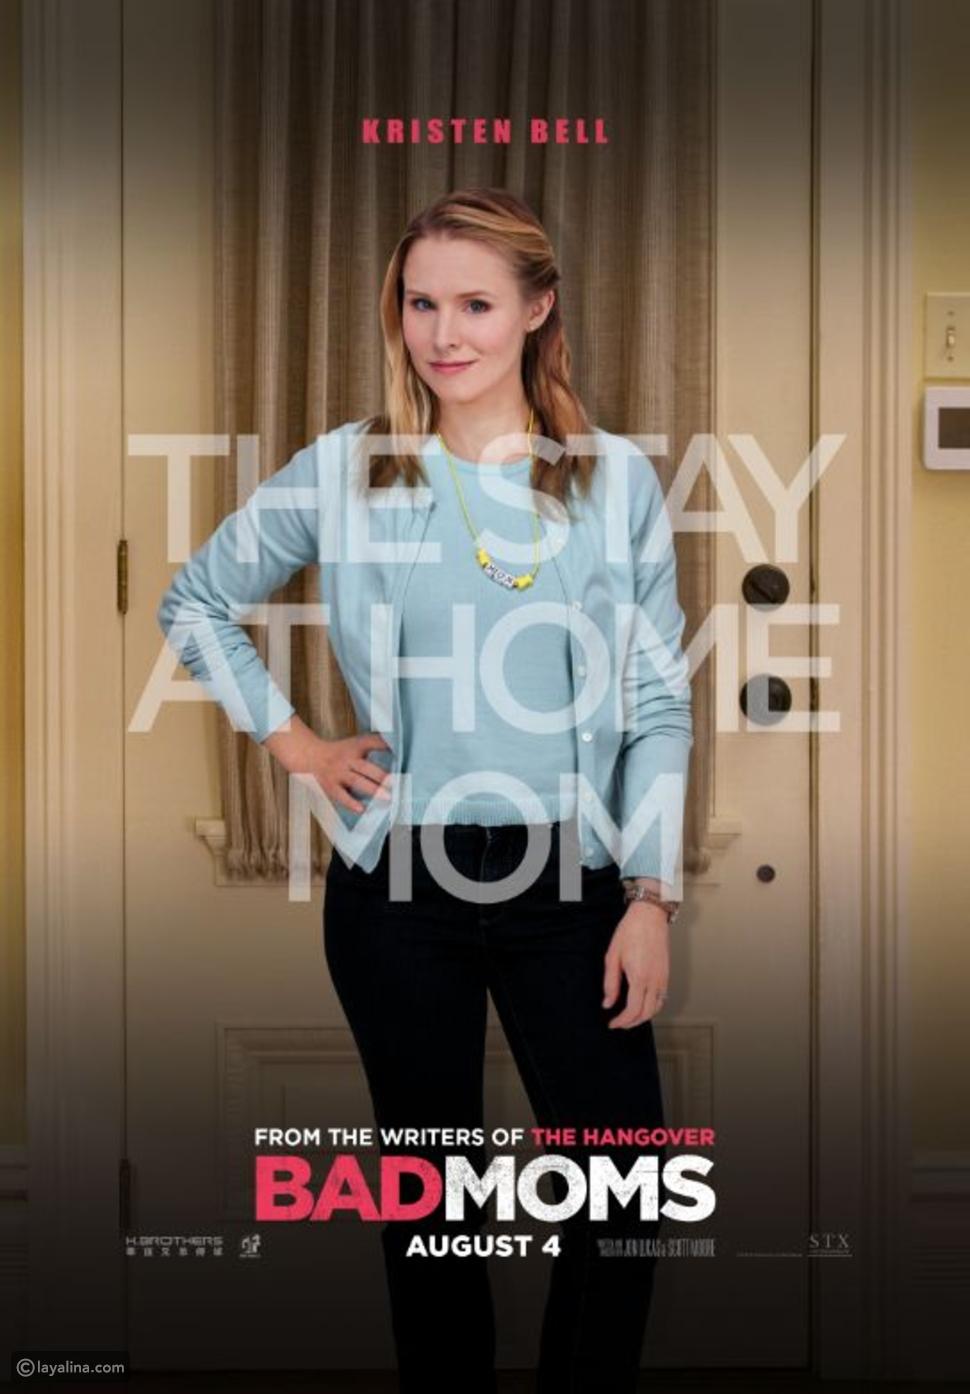 ميلا كونيس آني مومولو، كرستينا أبلجت في الفيلم الكوميدي Bad Moms ...